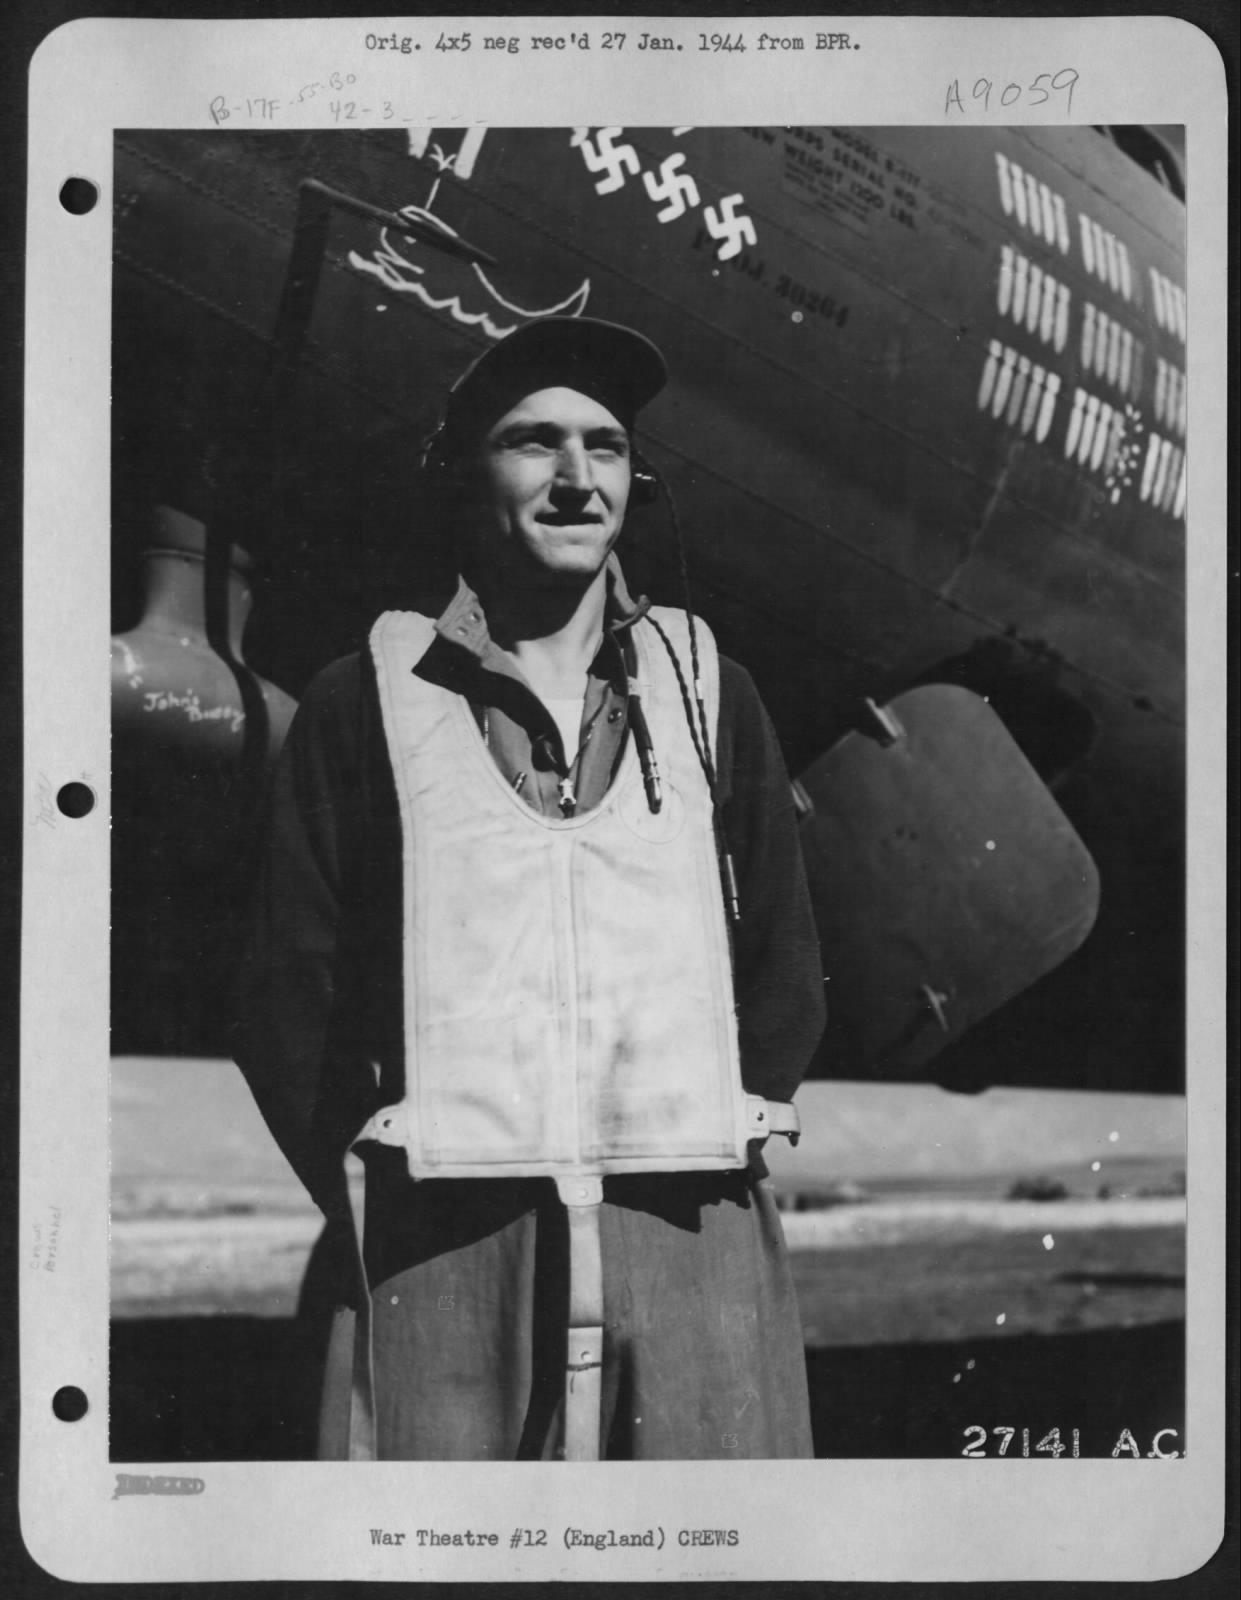 S/Sgt. Leon E. Piatek und die unbekannte B-17